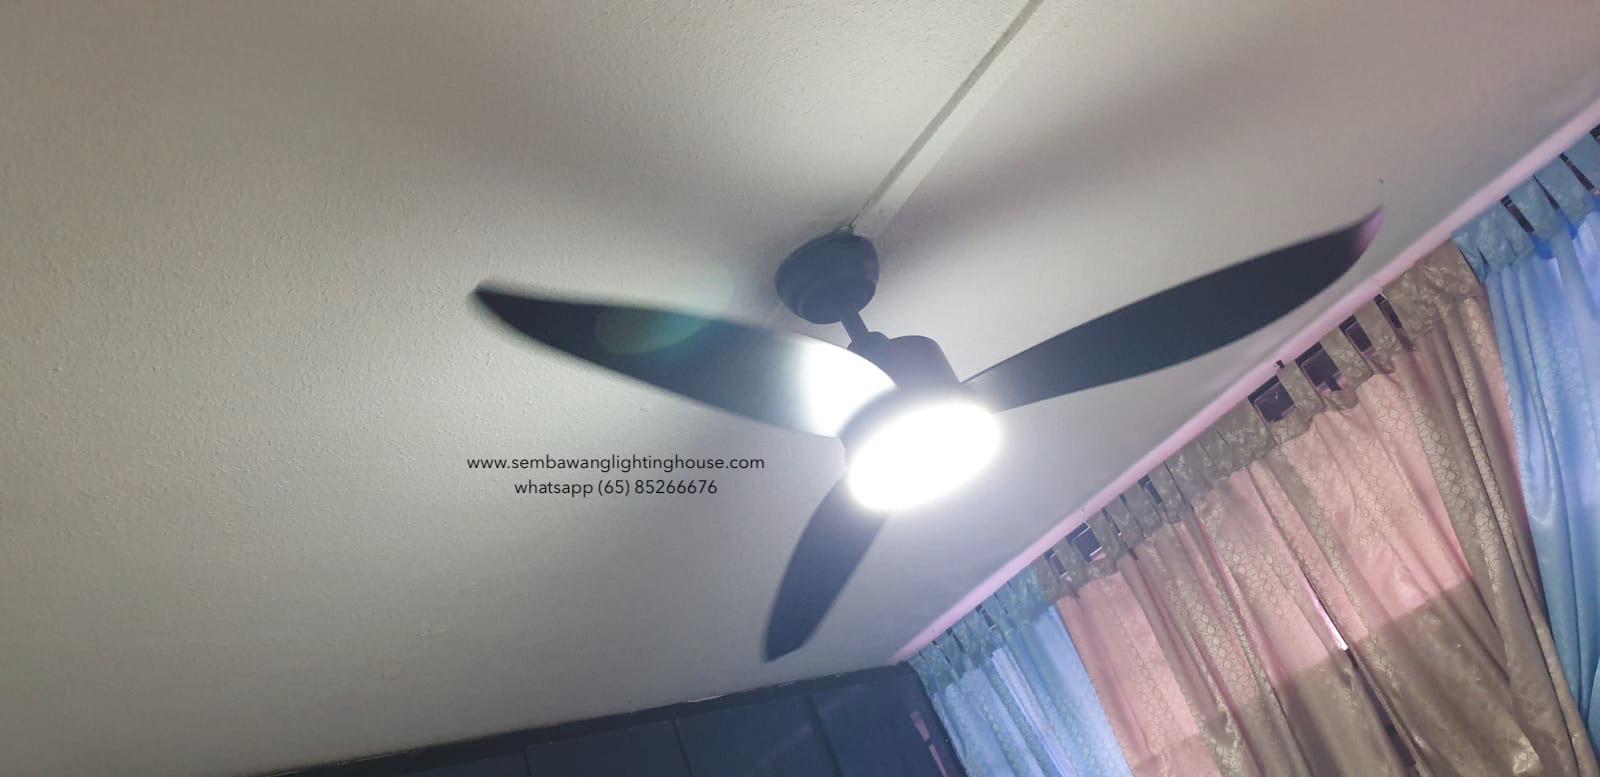 bestar-razor-black-ceiling-fan-sample-sembawang-lighting-house-02.jpg